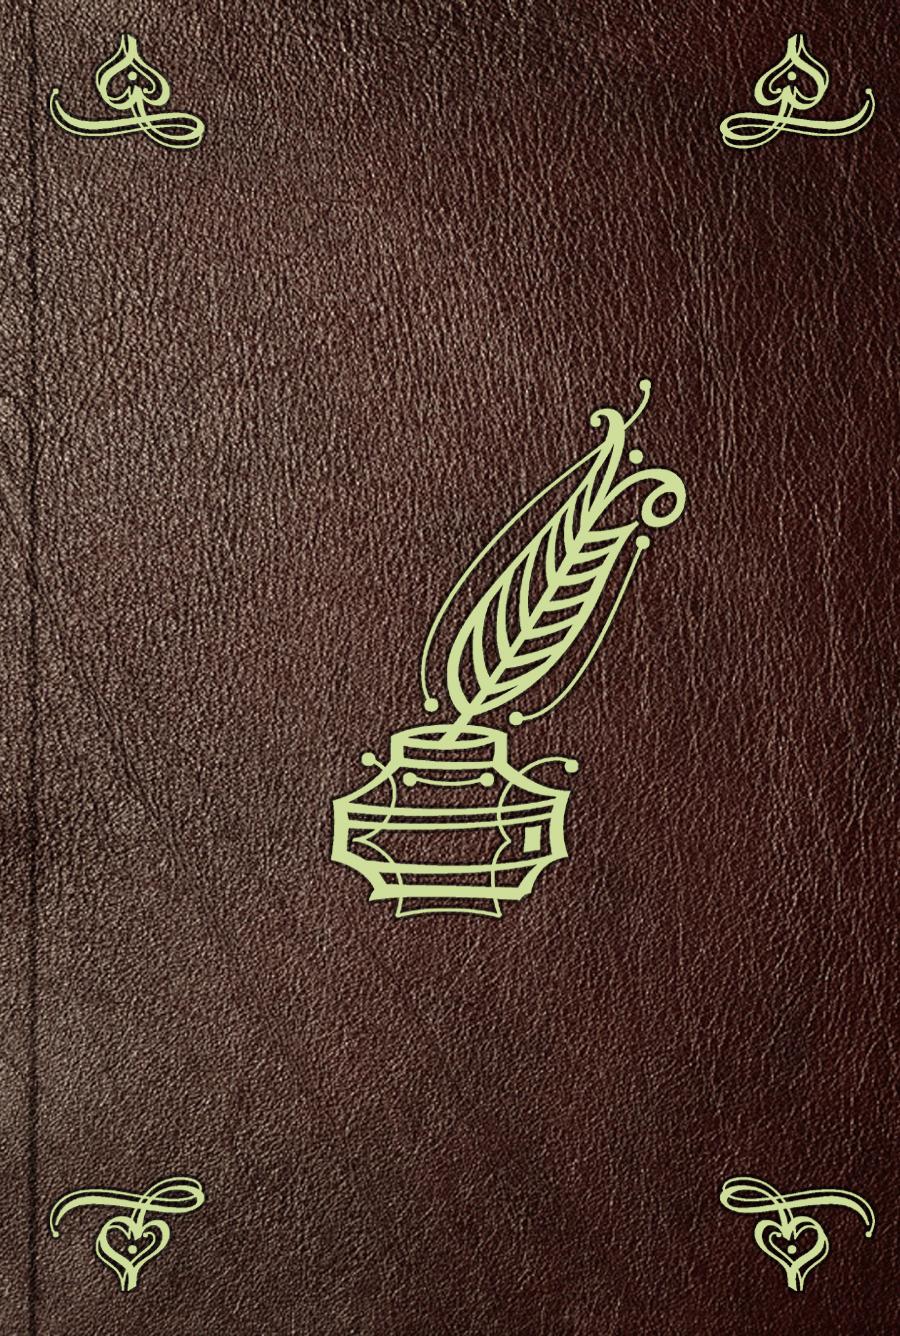 Жан-Жак Руссо Émile ou De l'éducation. T. 4 жан жак руссо collection complete des oeuvres de j j rousseau volume 11 french edition